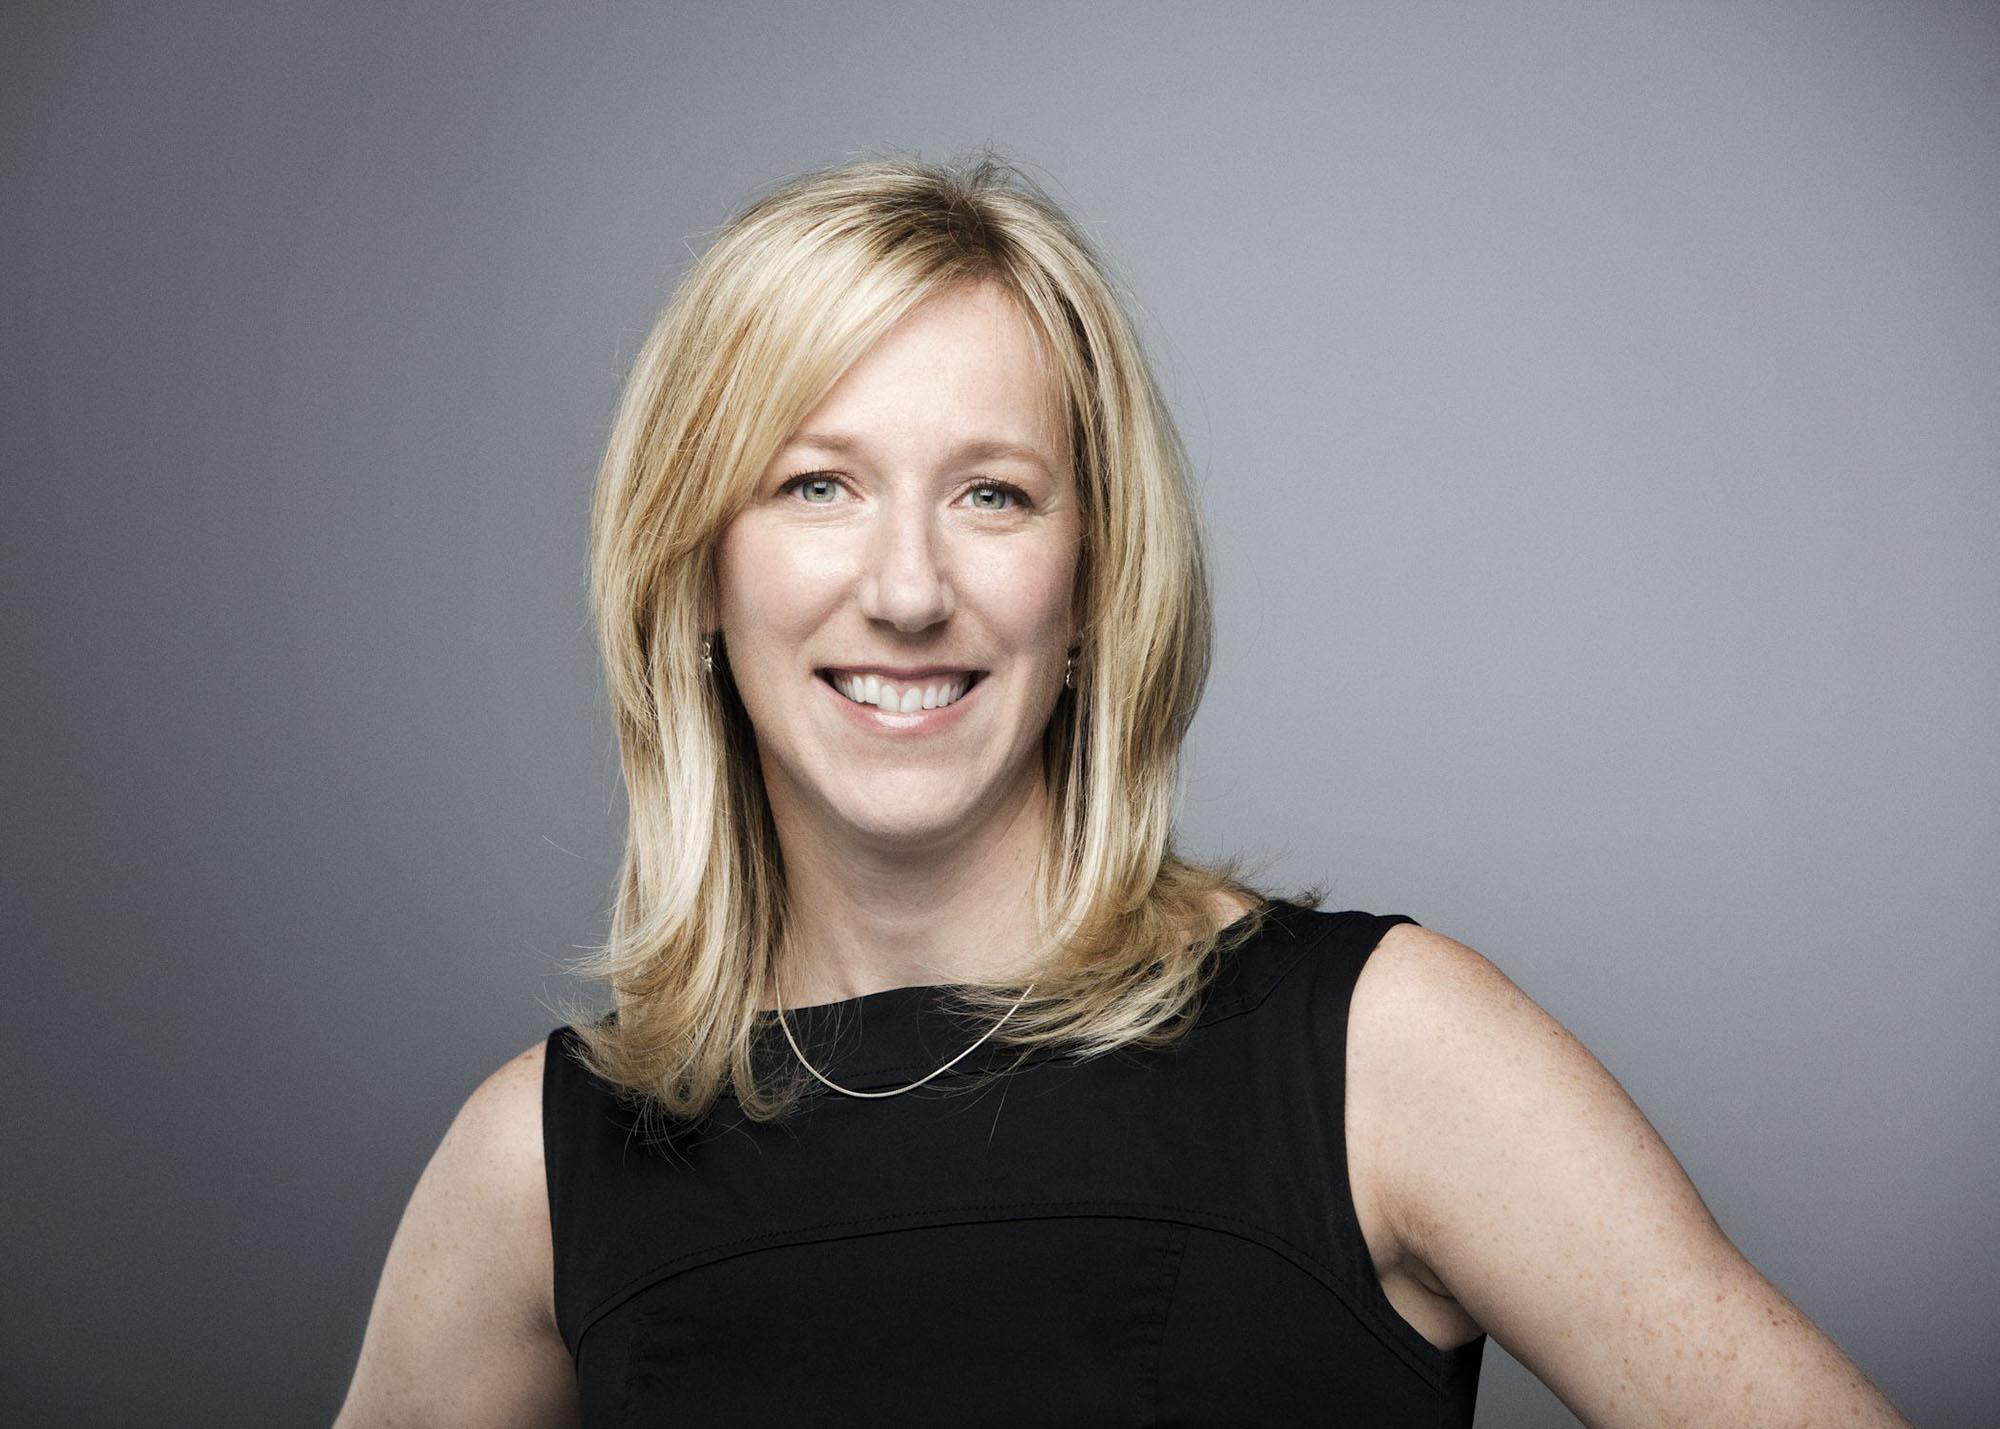 Melanie Dunn Named President of Cossette in Quebec (CNW Group/COSSETTE INC.)